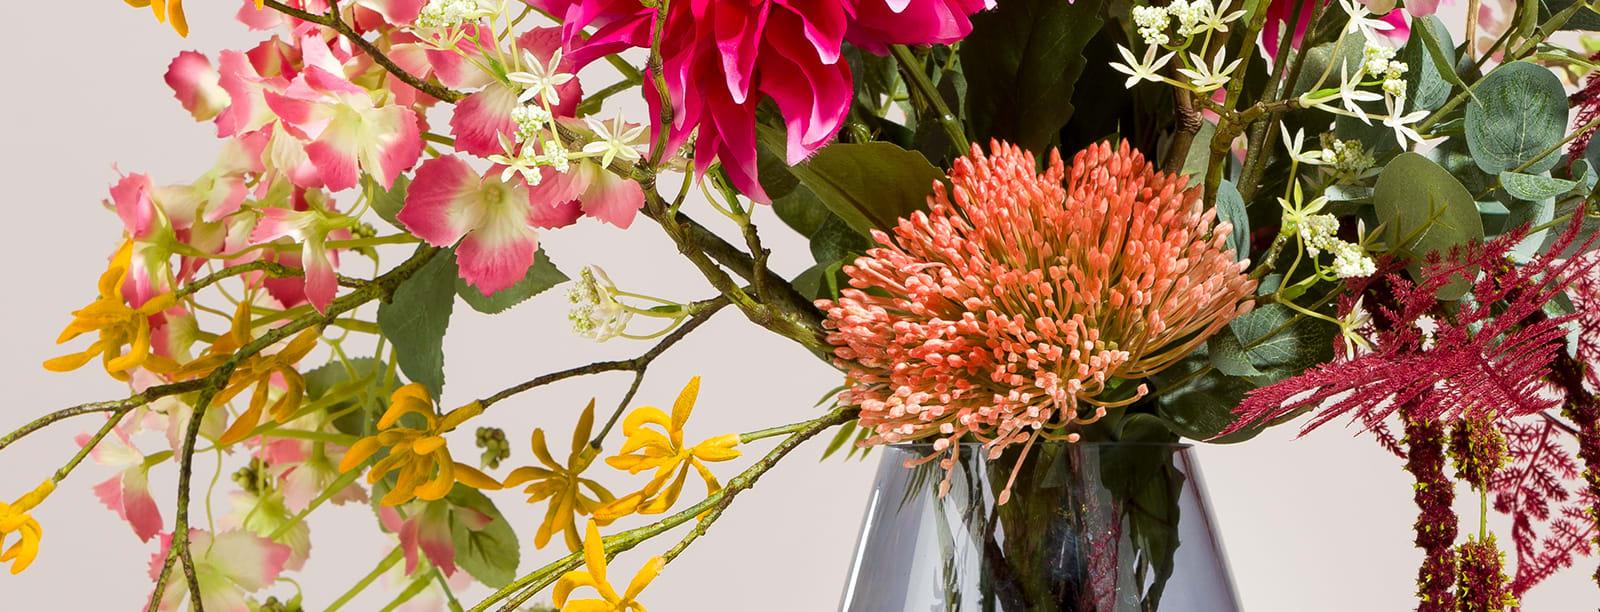 Un joli bouquet des fleurs artificielles